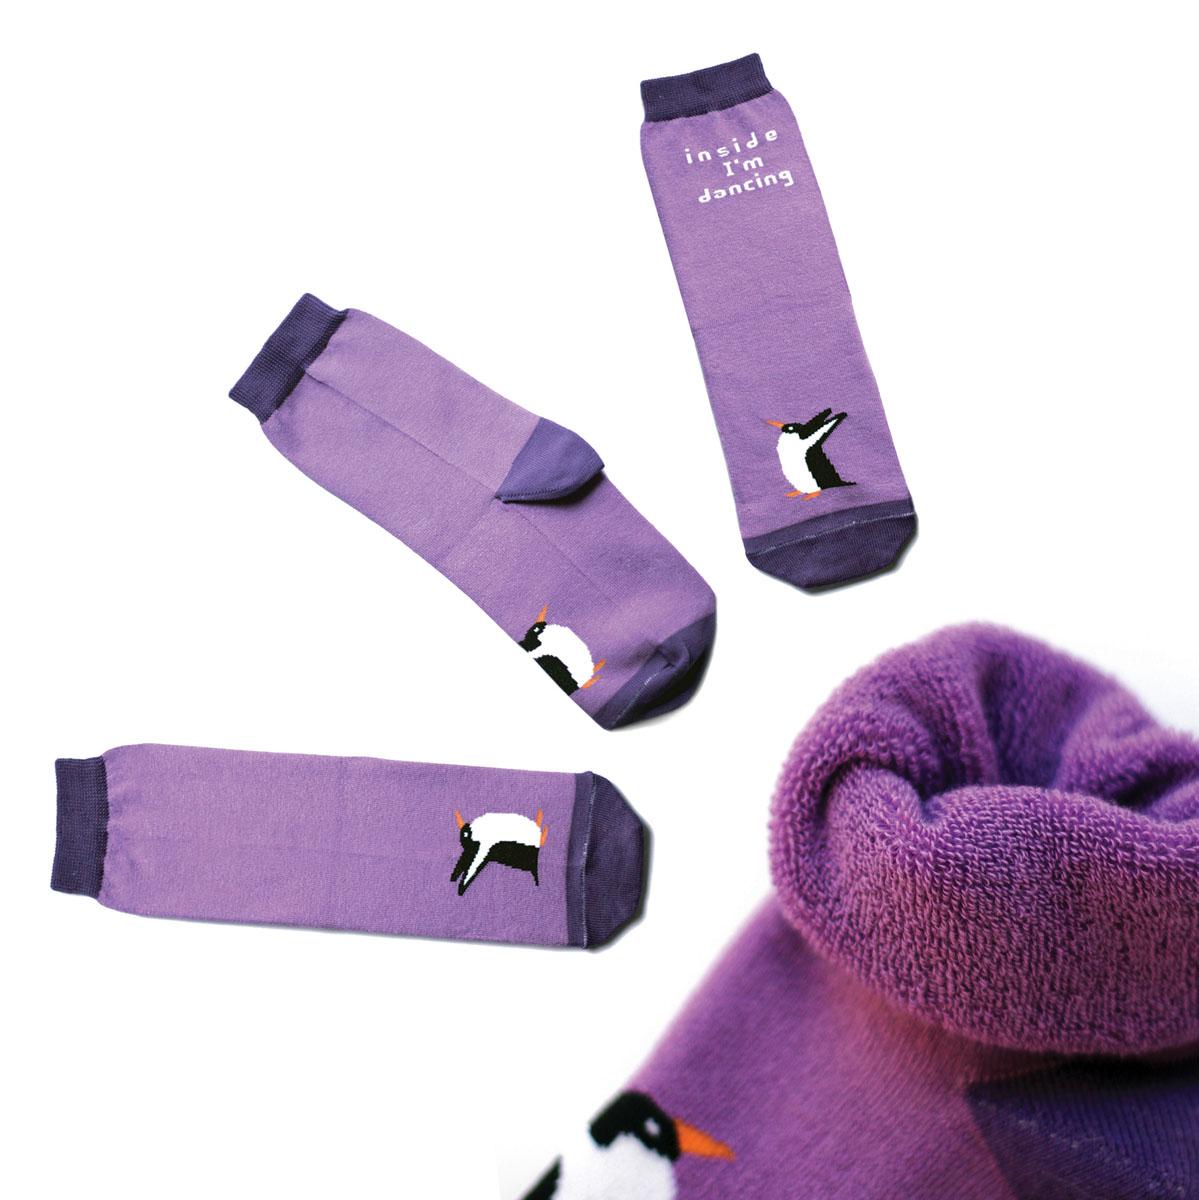 Носки мужские Big Bang Socks, махровые, цвет: сиреневый, фиолетовый. ca1733. Размер 40/44ca1733_махровыеТеплые мужские махровые носки Big Bang Socks изготовлены из высококачественного хлопка с добавлением полиамидных и эластановых волокон, которые обеспечивают великолепную посадку. Носки отличаются ярким стильным дизайном, они оформлены изображением пингвина и надписью: Inside Im dancing. Удобная широкая резинка идеально облегает ногу и не пережимает сосуды, усиленные пятка и мысок повышают износоустойчивость носка, а удлиненный паголенок придает более эстетичный вид. Дизайнерские носки Big Bang Socks - яркая деталь в вашем образе и оригинальный подарок для друзей и близких.